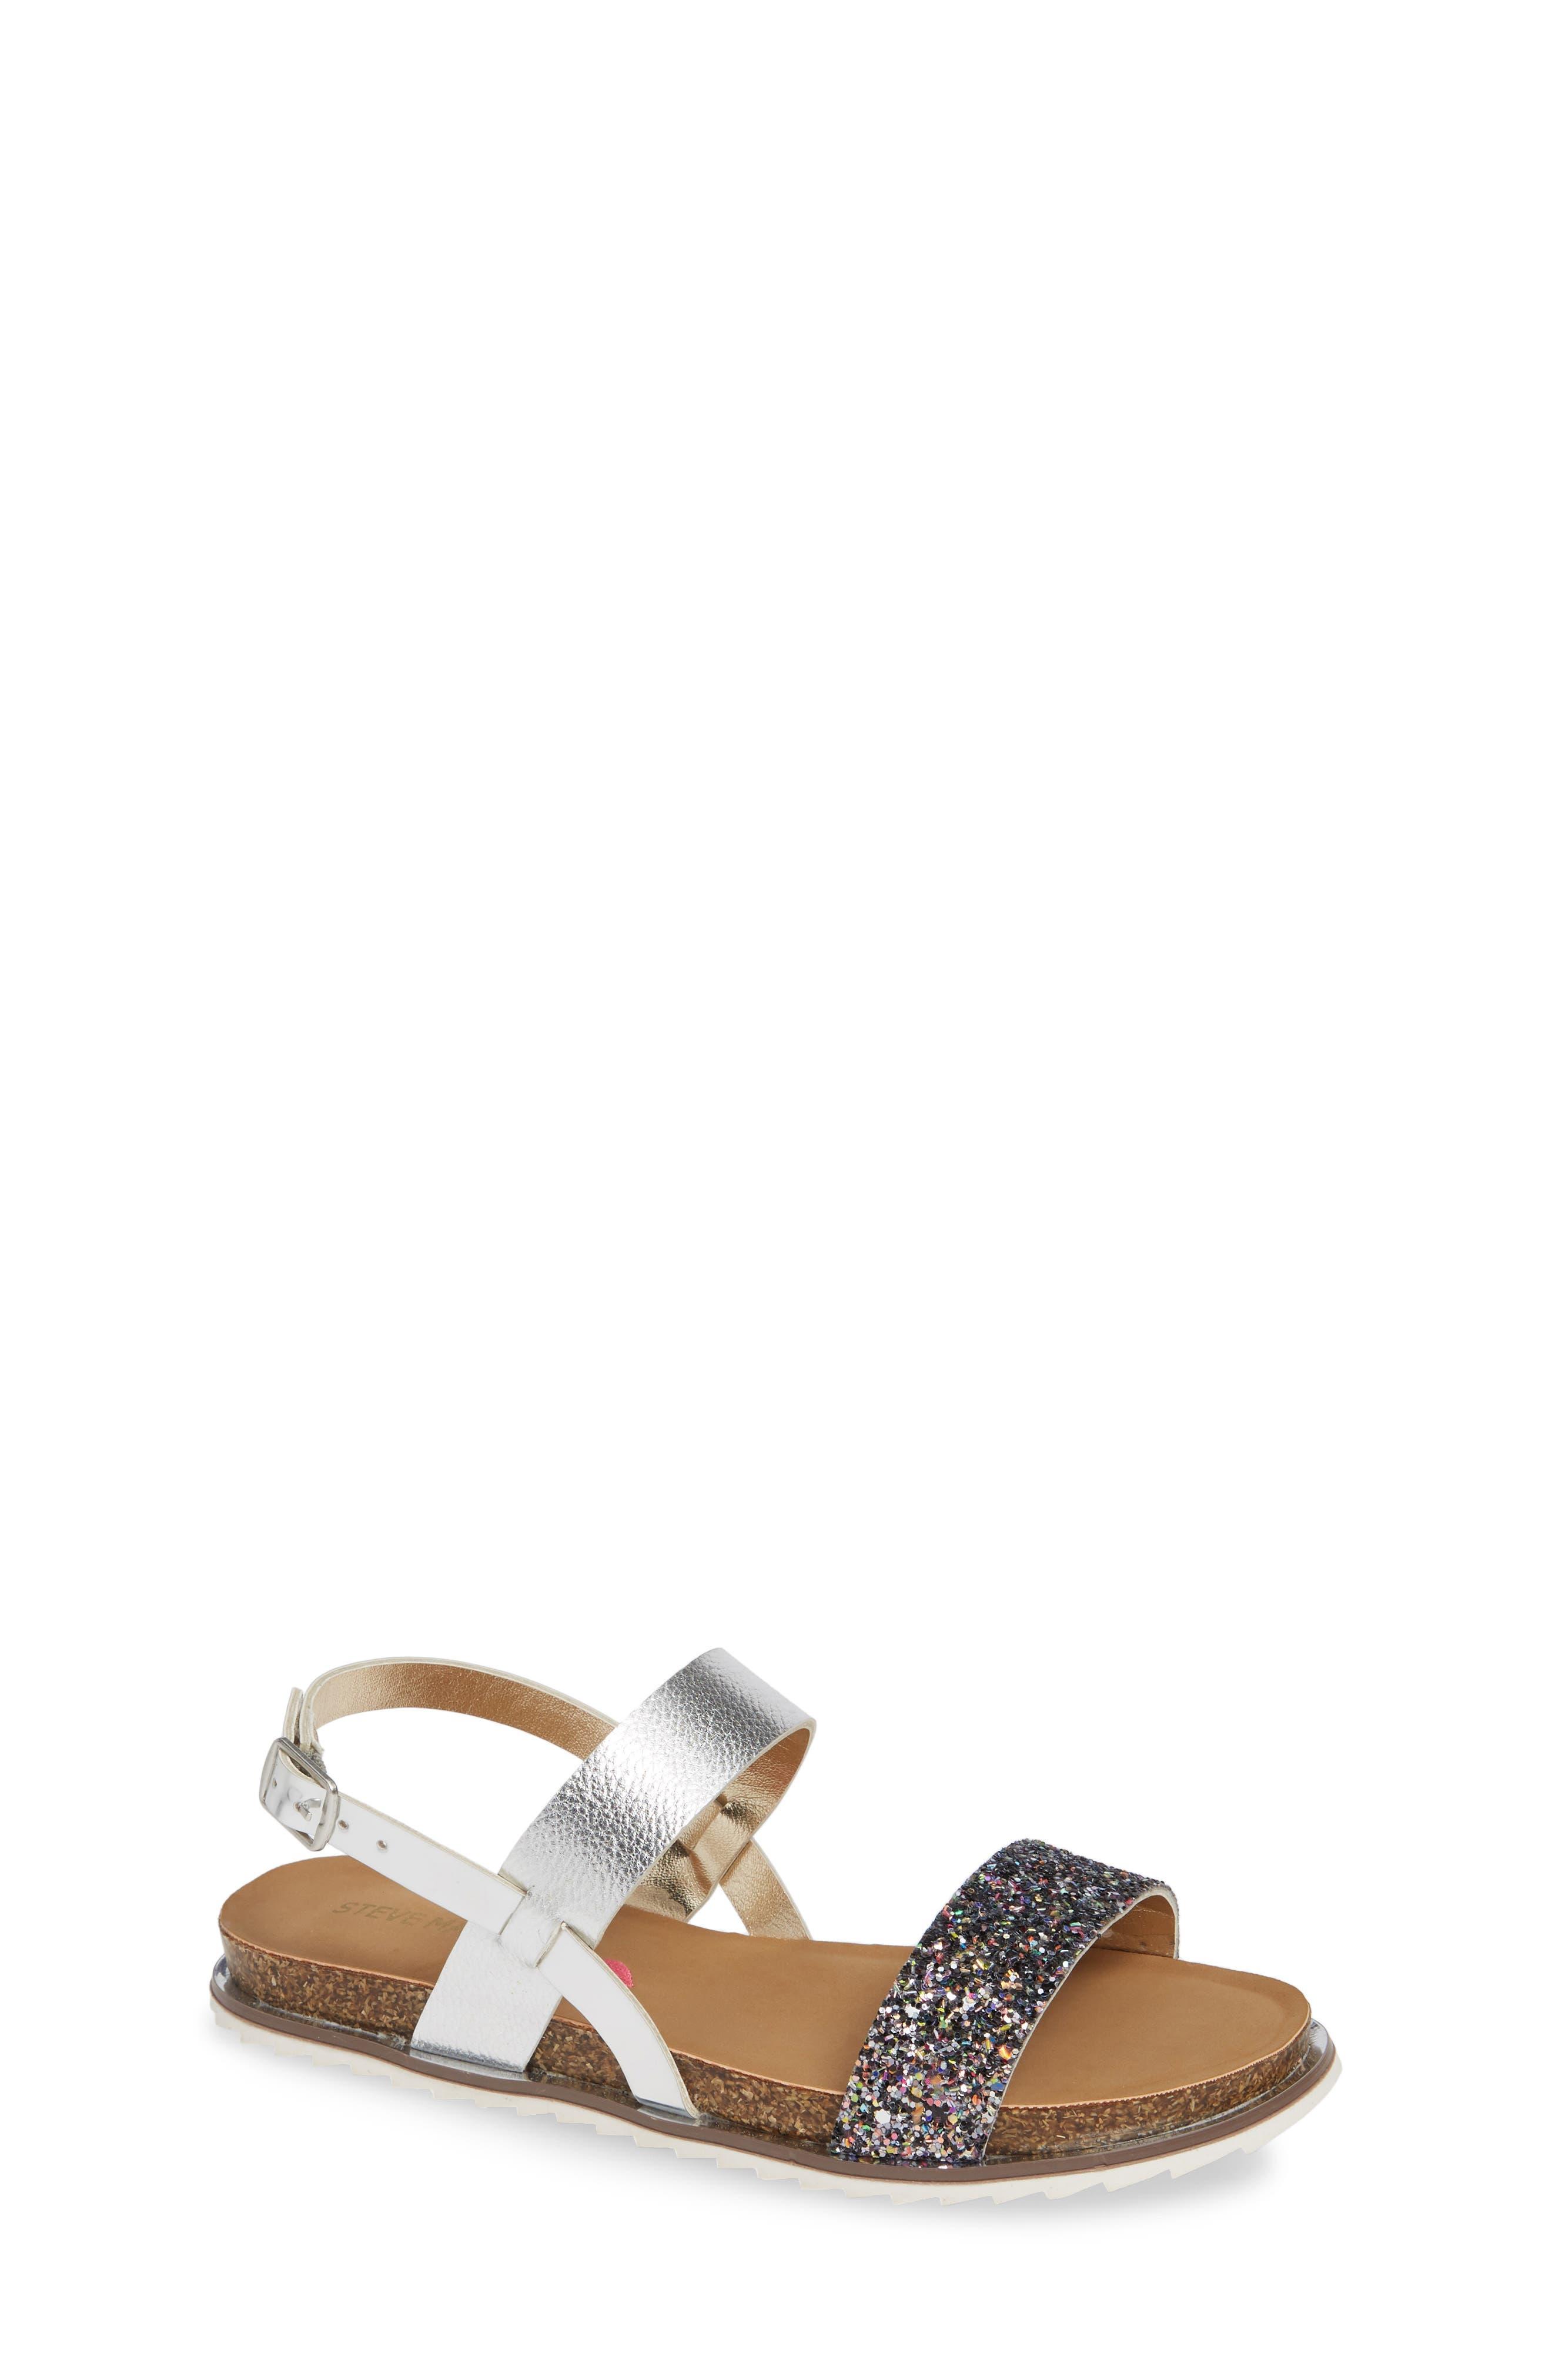 Girls Steve Madden Glitter Sandal